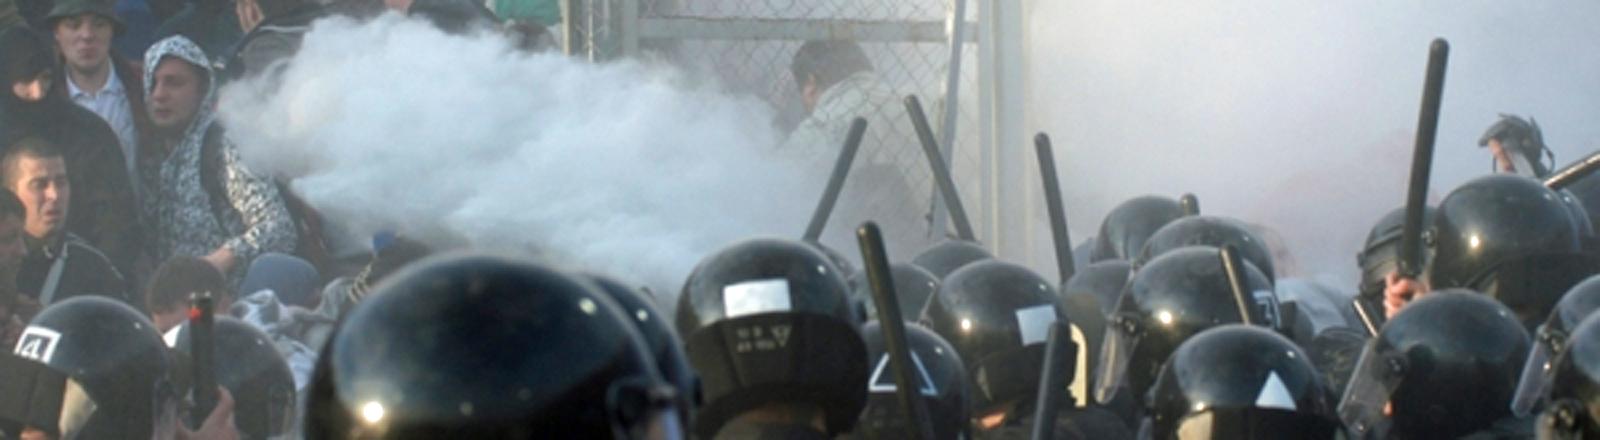 Russische Polizei trifft auf Hooligans. Hier nach einem Spiel zwischen Spartak Moskau und Krylya Sovetov Samara.